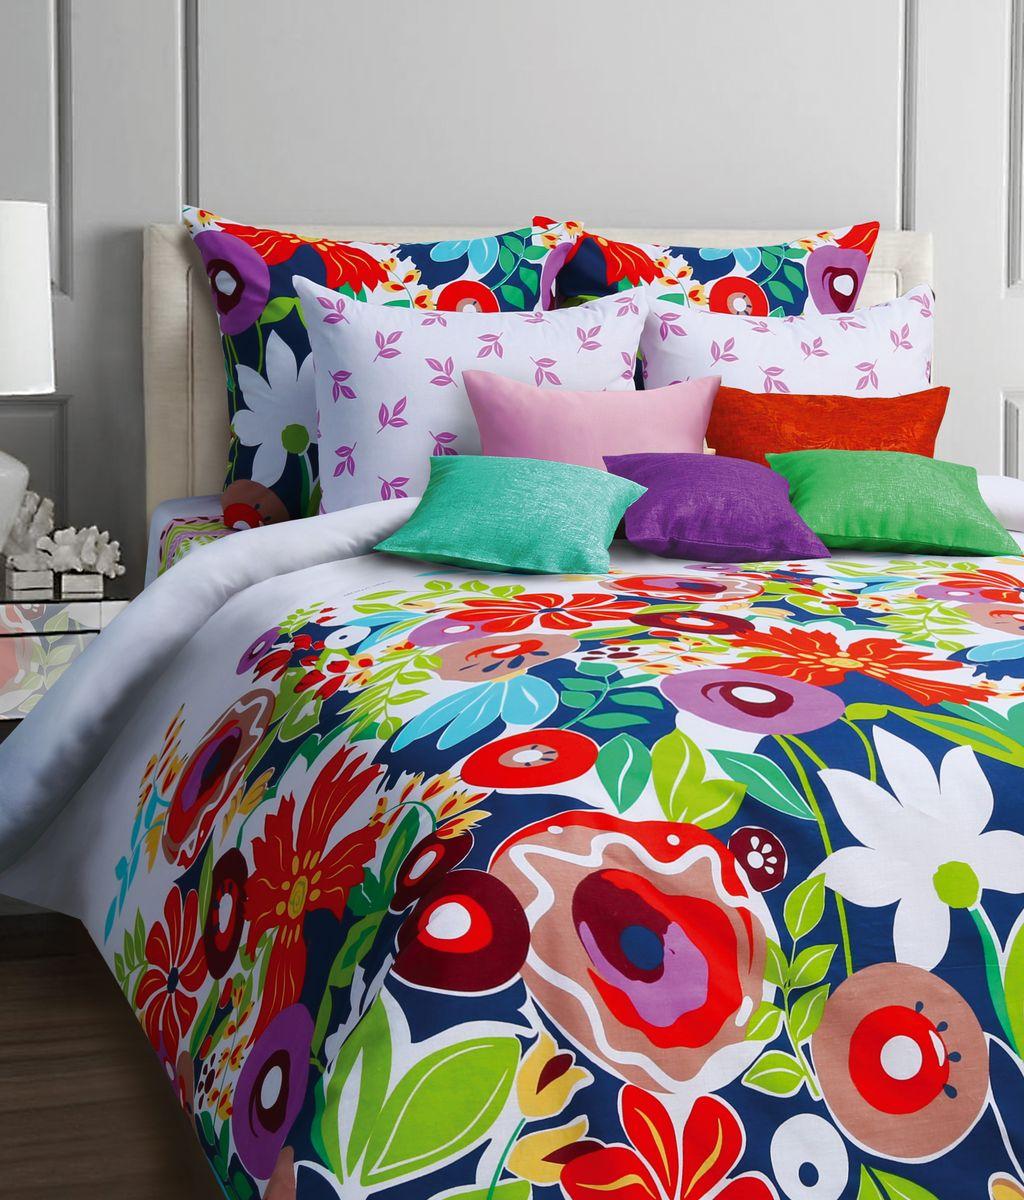 Комплект белья Mona Liza Pampiny, 1,5-спальное, наволочки 70x70551114/28Комплект постельного белья Mona Liza Pampiny, выполненный из бязи (100% хлопок), состоит из пододеяльника, простыни и двух наволочек. Изделия оформлены оригинальным рисунком. Пододеяльник на пуговицах. Бязь - ткань полотняного переплетения с незначительной сминаемостью, хорошо сохраняющая цвет при стирке, легкая, с прекрасными гигиеническими показателями. Такой комплект подойдет для любого стилевого и цветового решения интерьера, а также создаст в доме уют.